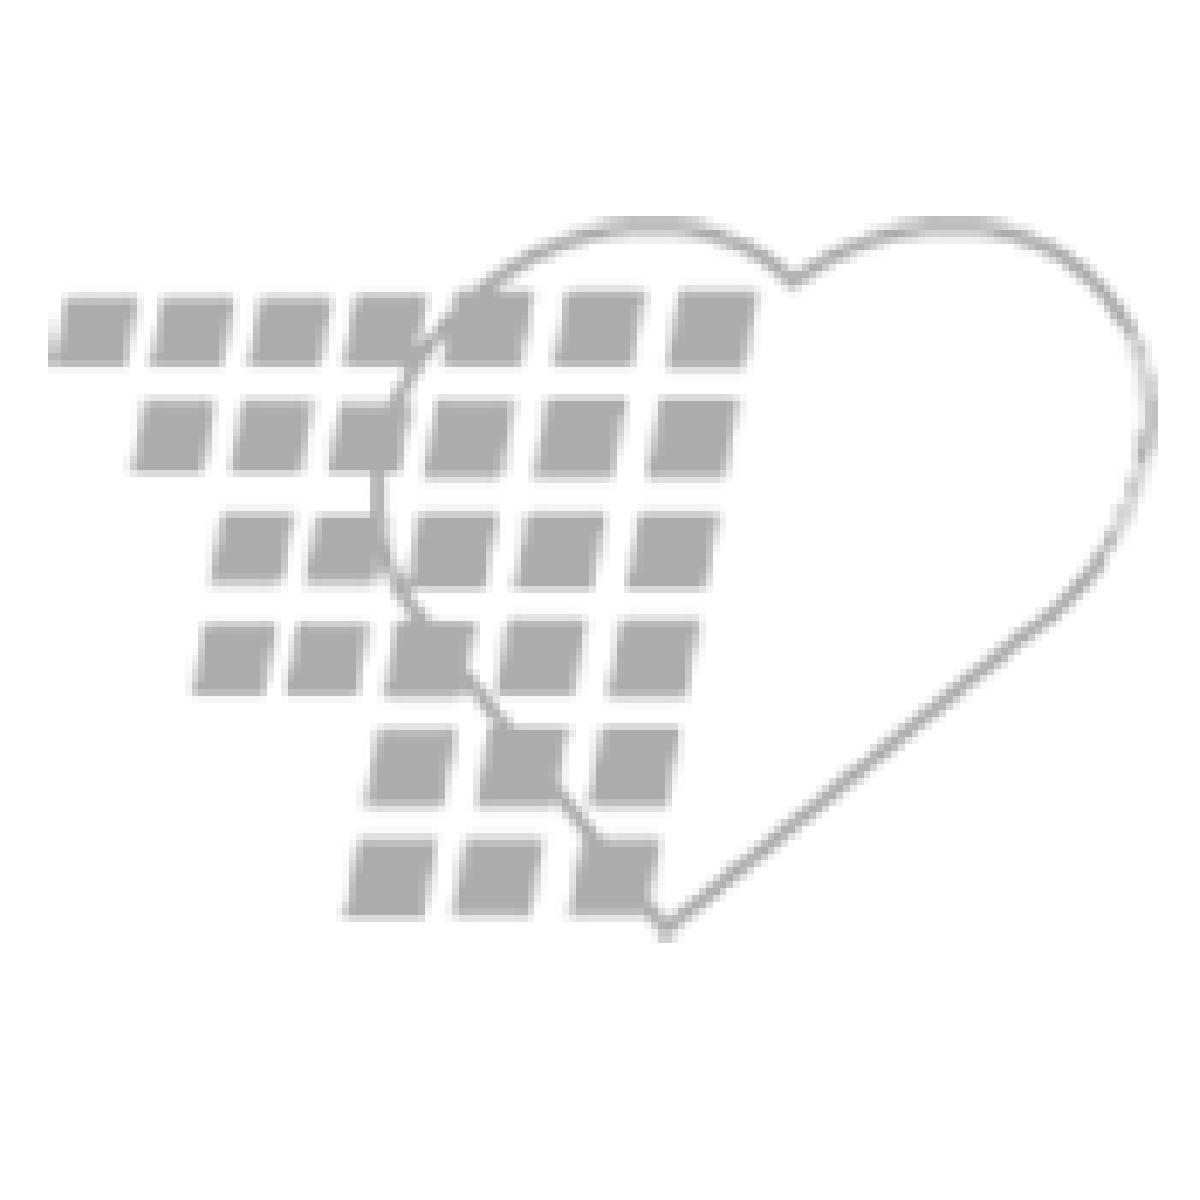 04-76-100 Pocket Nurse® General Transport Stretcher